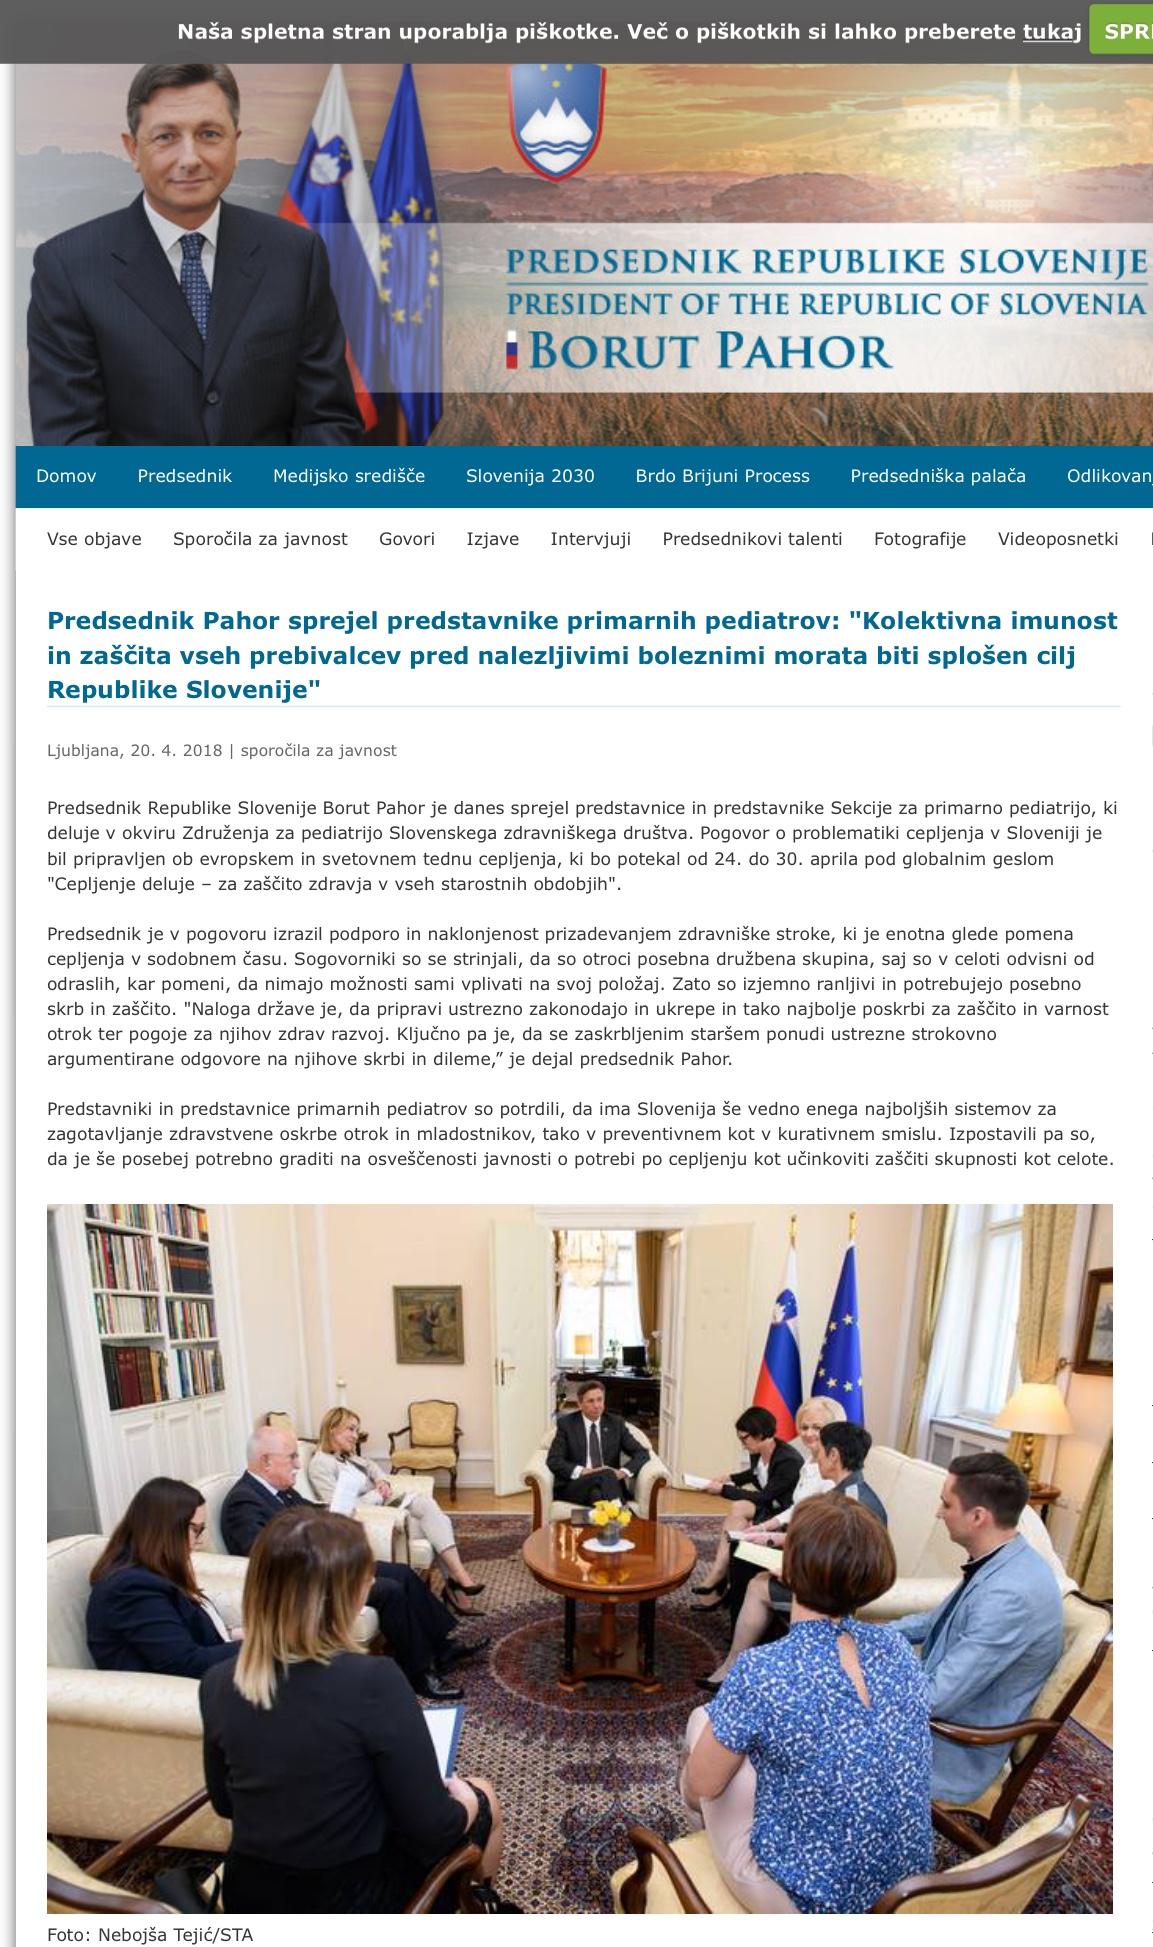 Predsednik Pahor sprejel predstavnike primarnih pediatrov